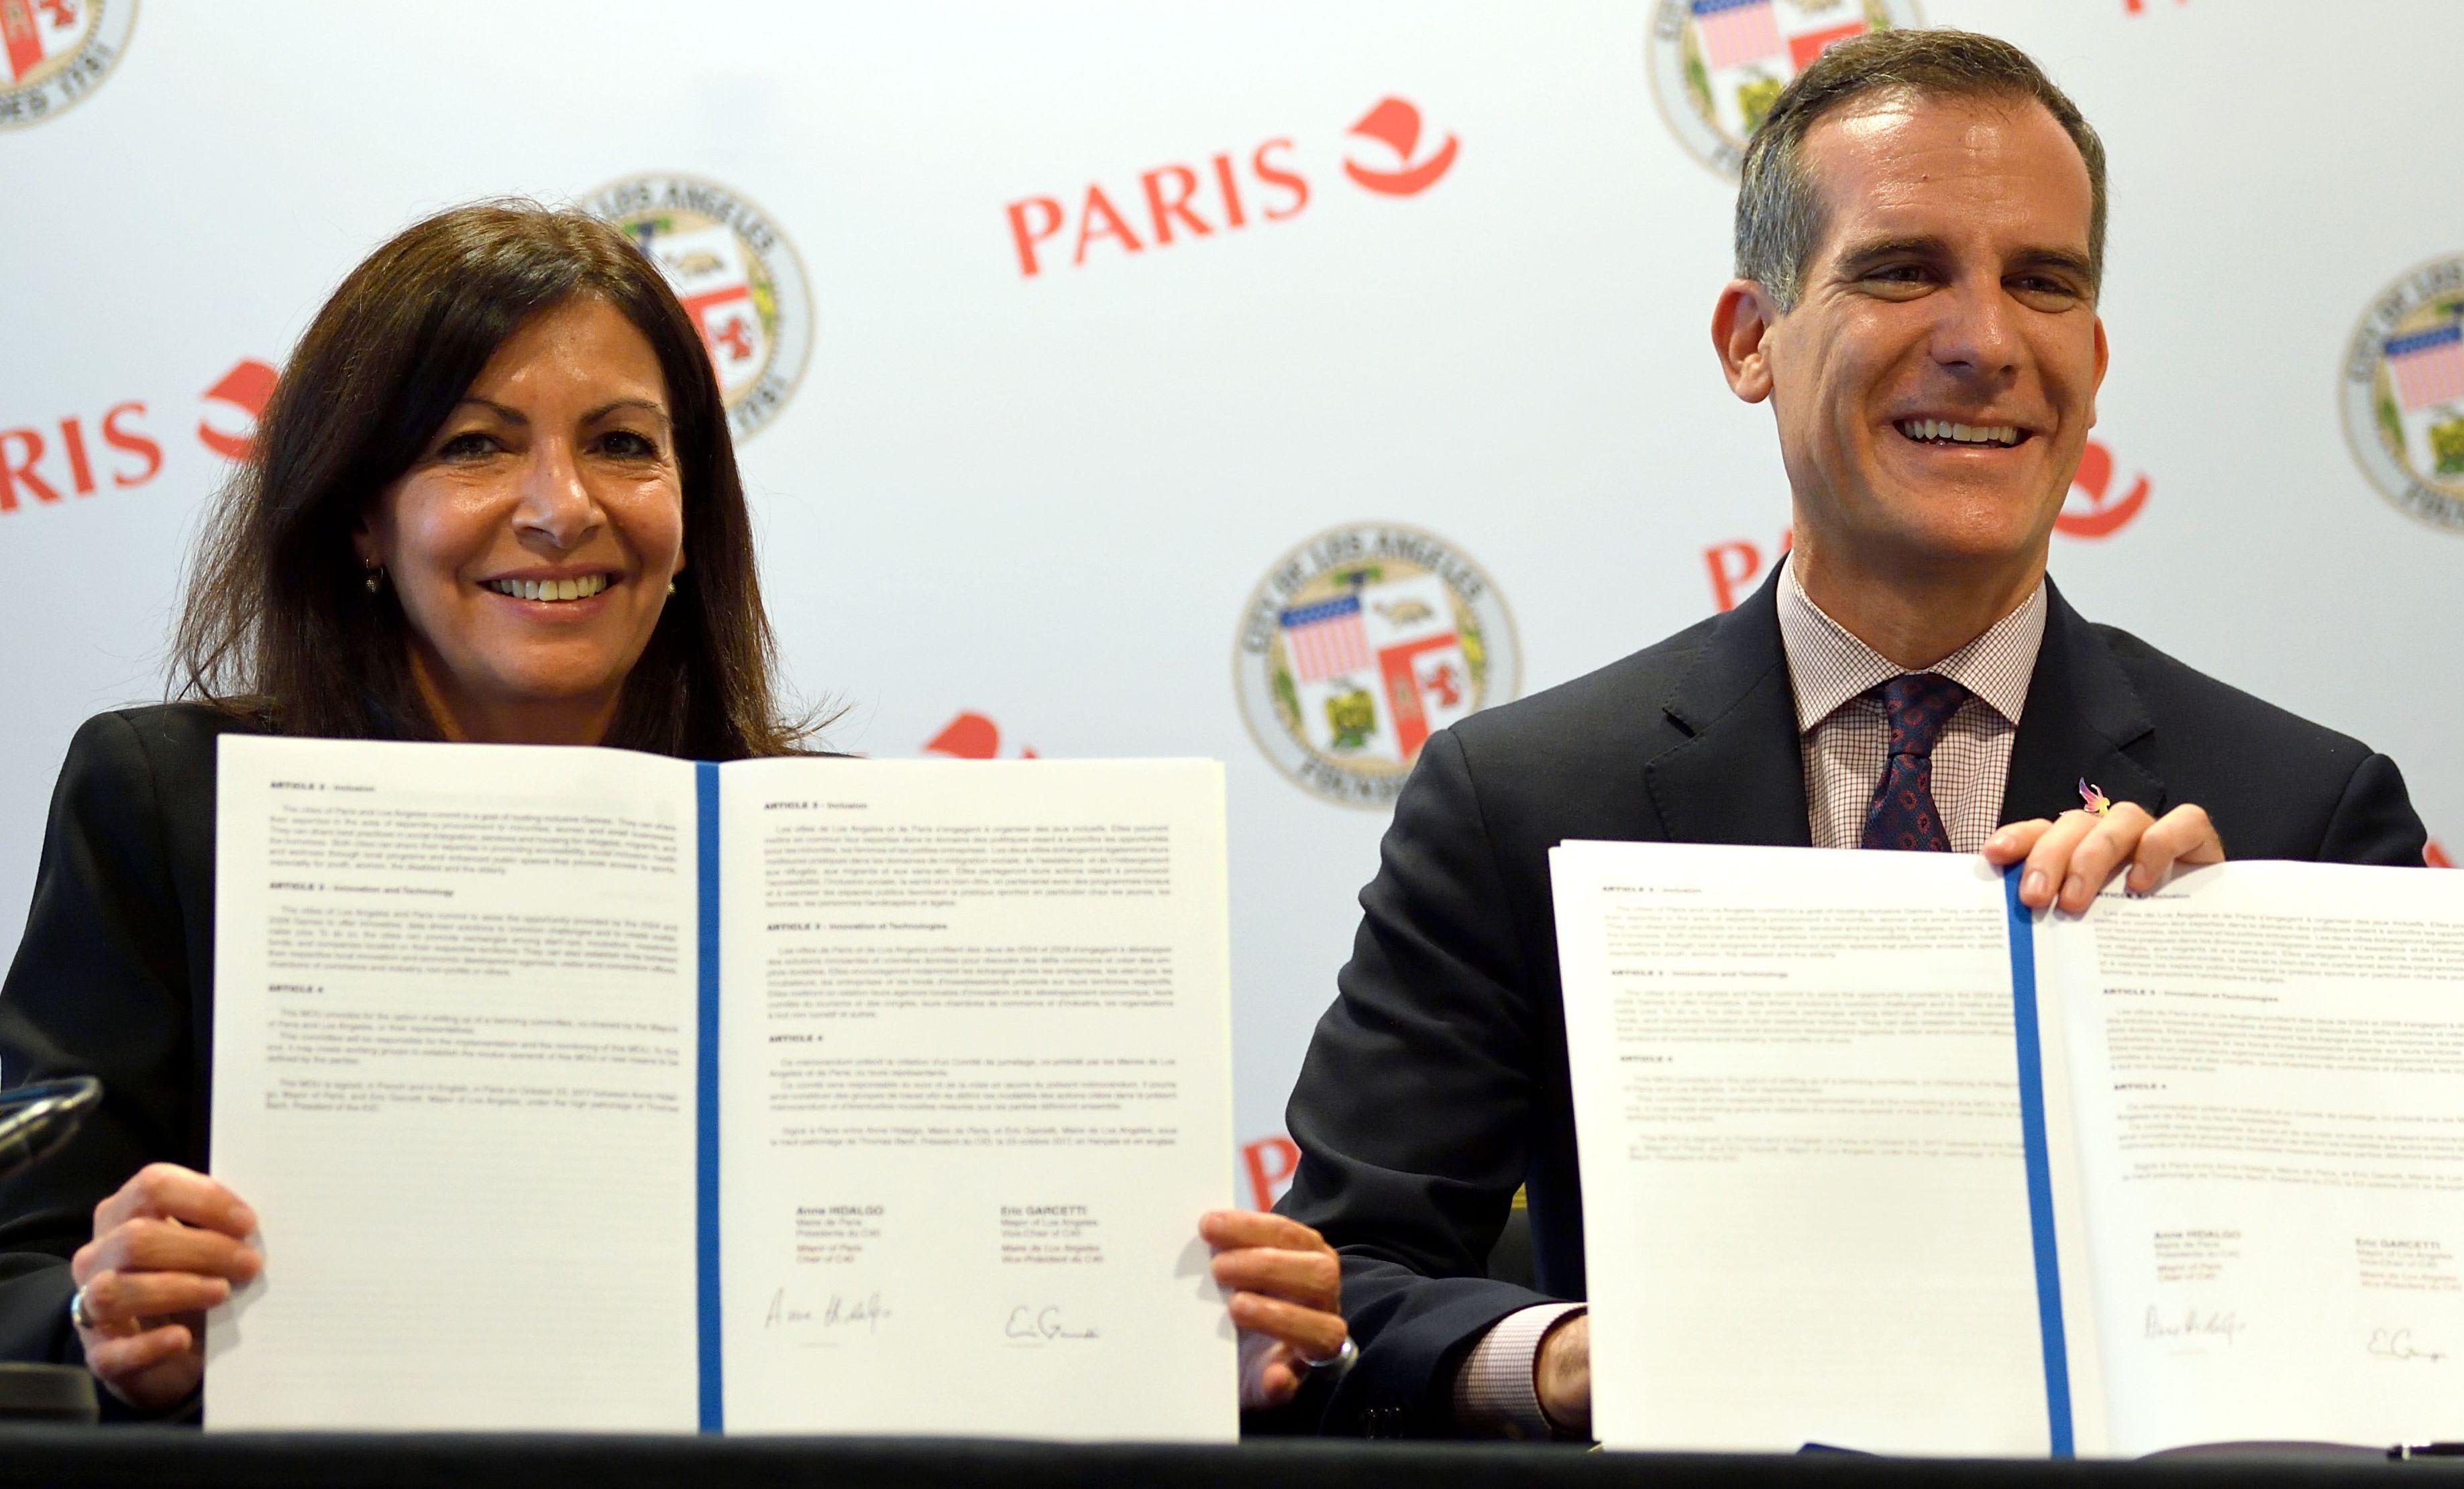 Jeux olympiques - JO 2024 - JO 2024-2028 : Paris et Los Angeles annonce un accord de «jumelage olympique»